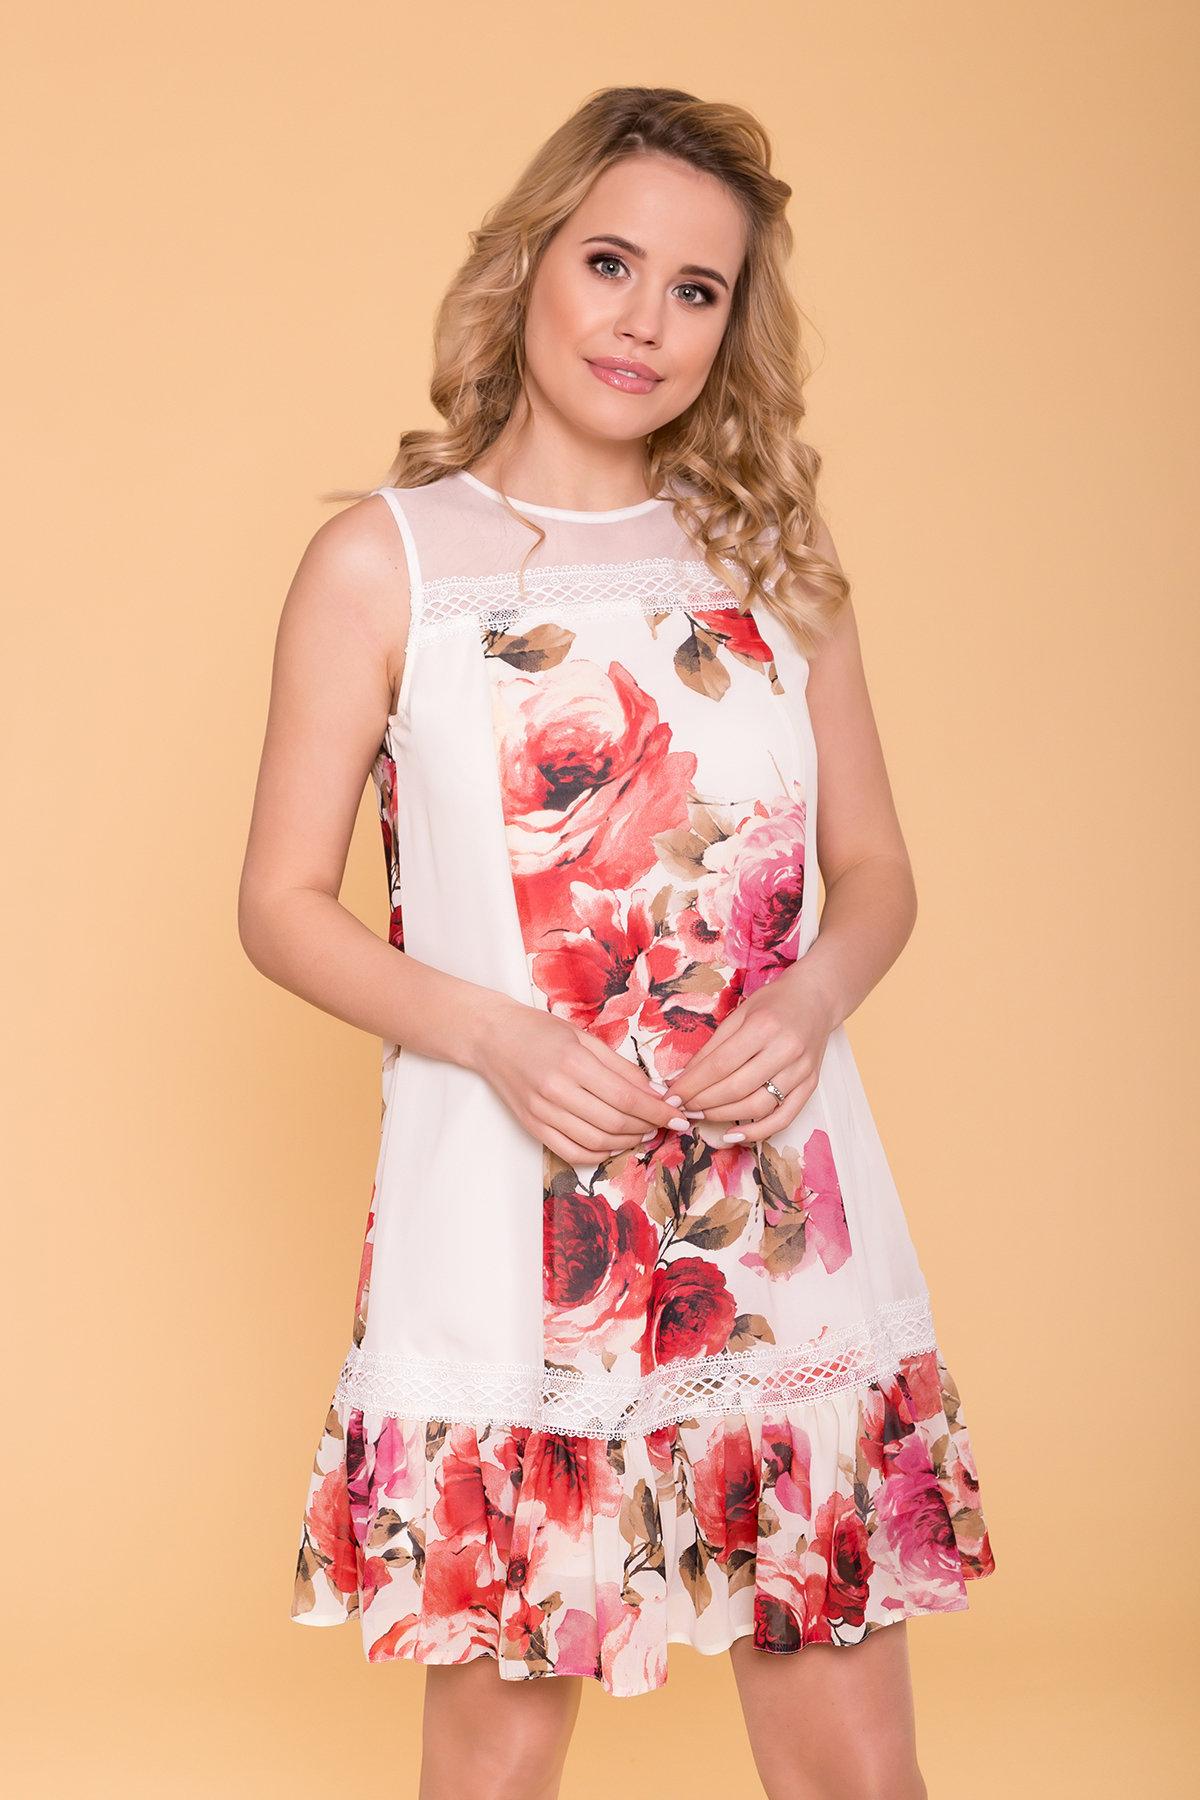 Платье  Инга 6914 АРТ. 43265 Цвет: Розы молоко/красный - фото 3, интернет магазин tm-modus.ru